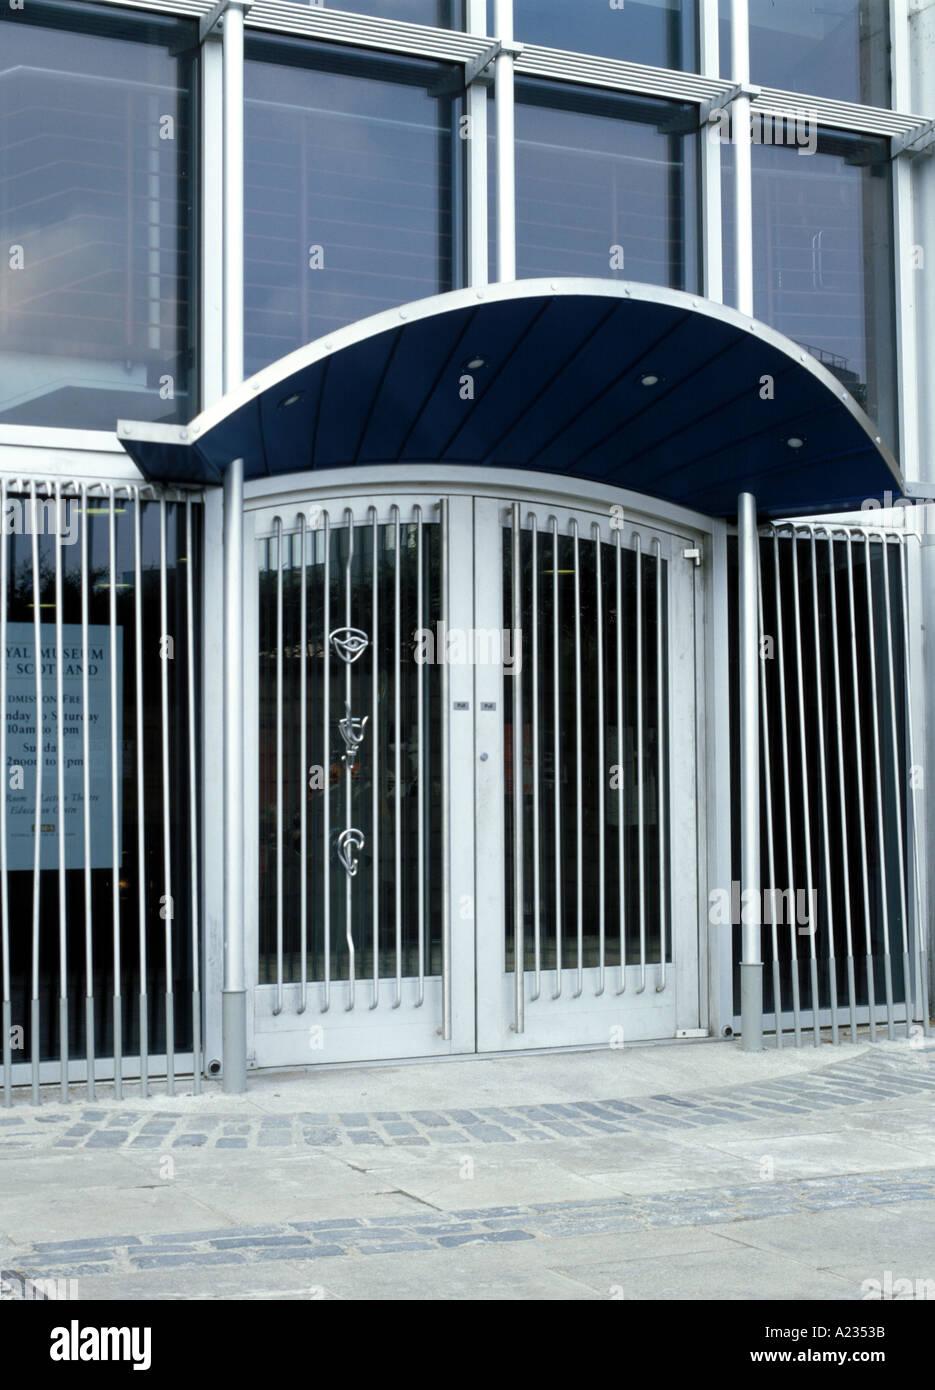 Porte in alluminio che mostra un ampio uso di alluminio Immagini Stock